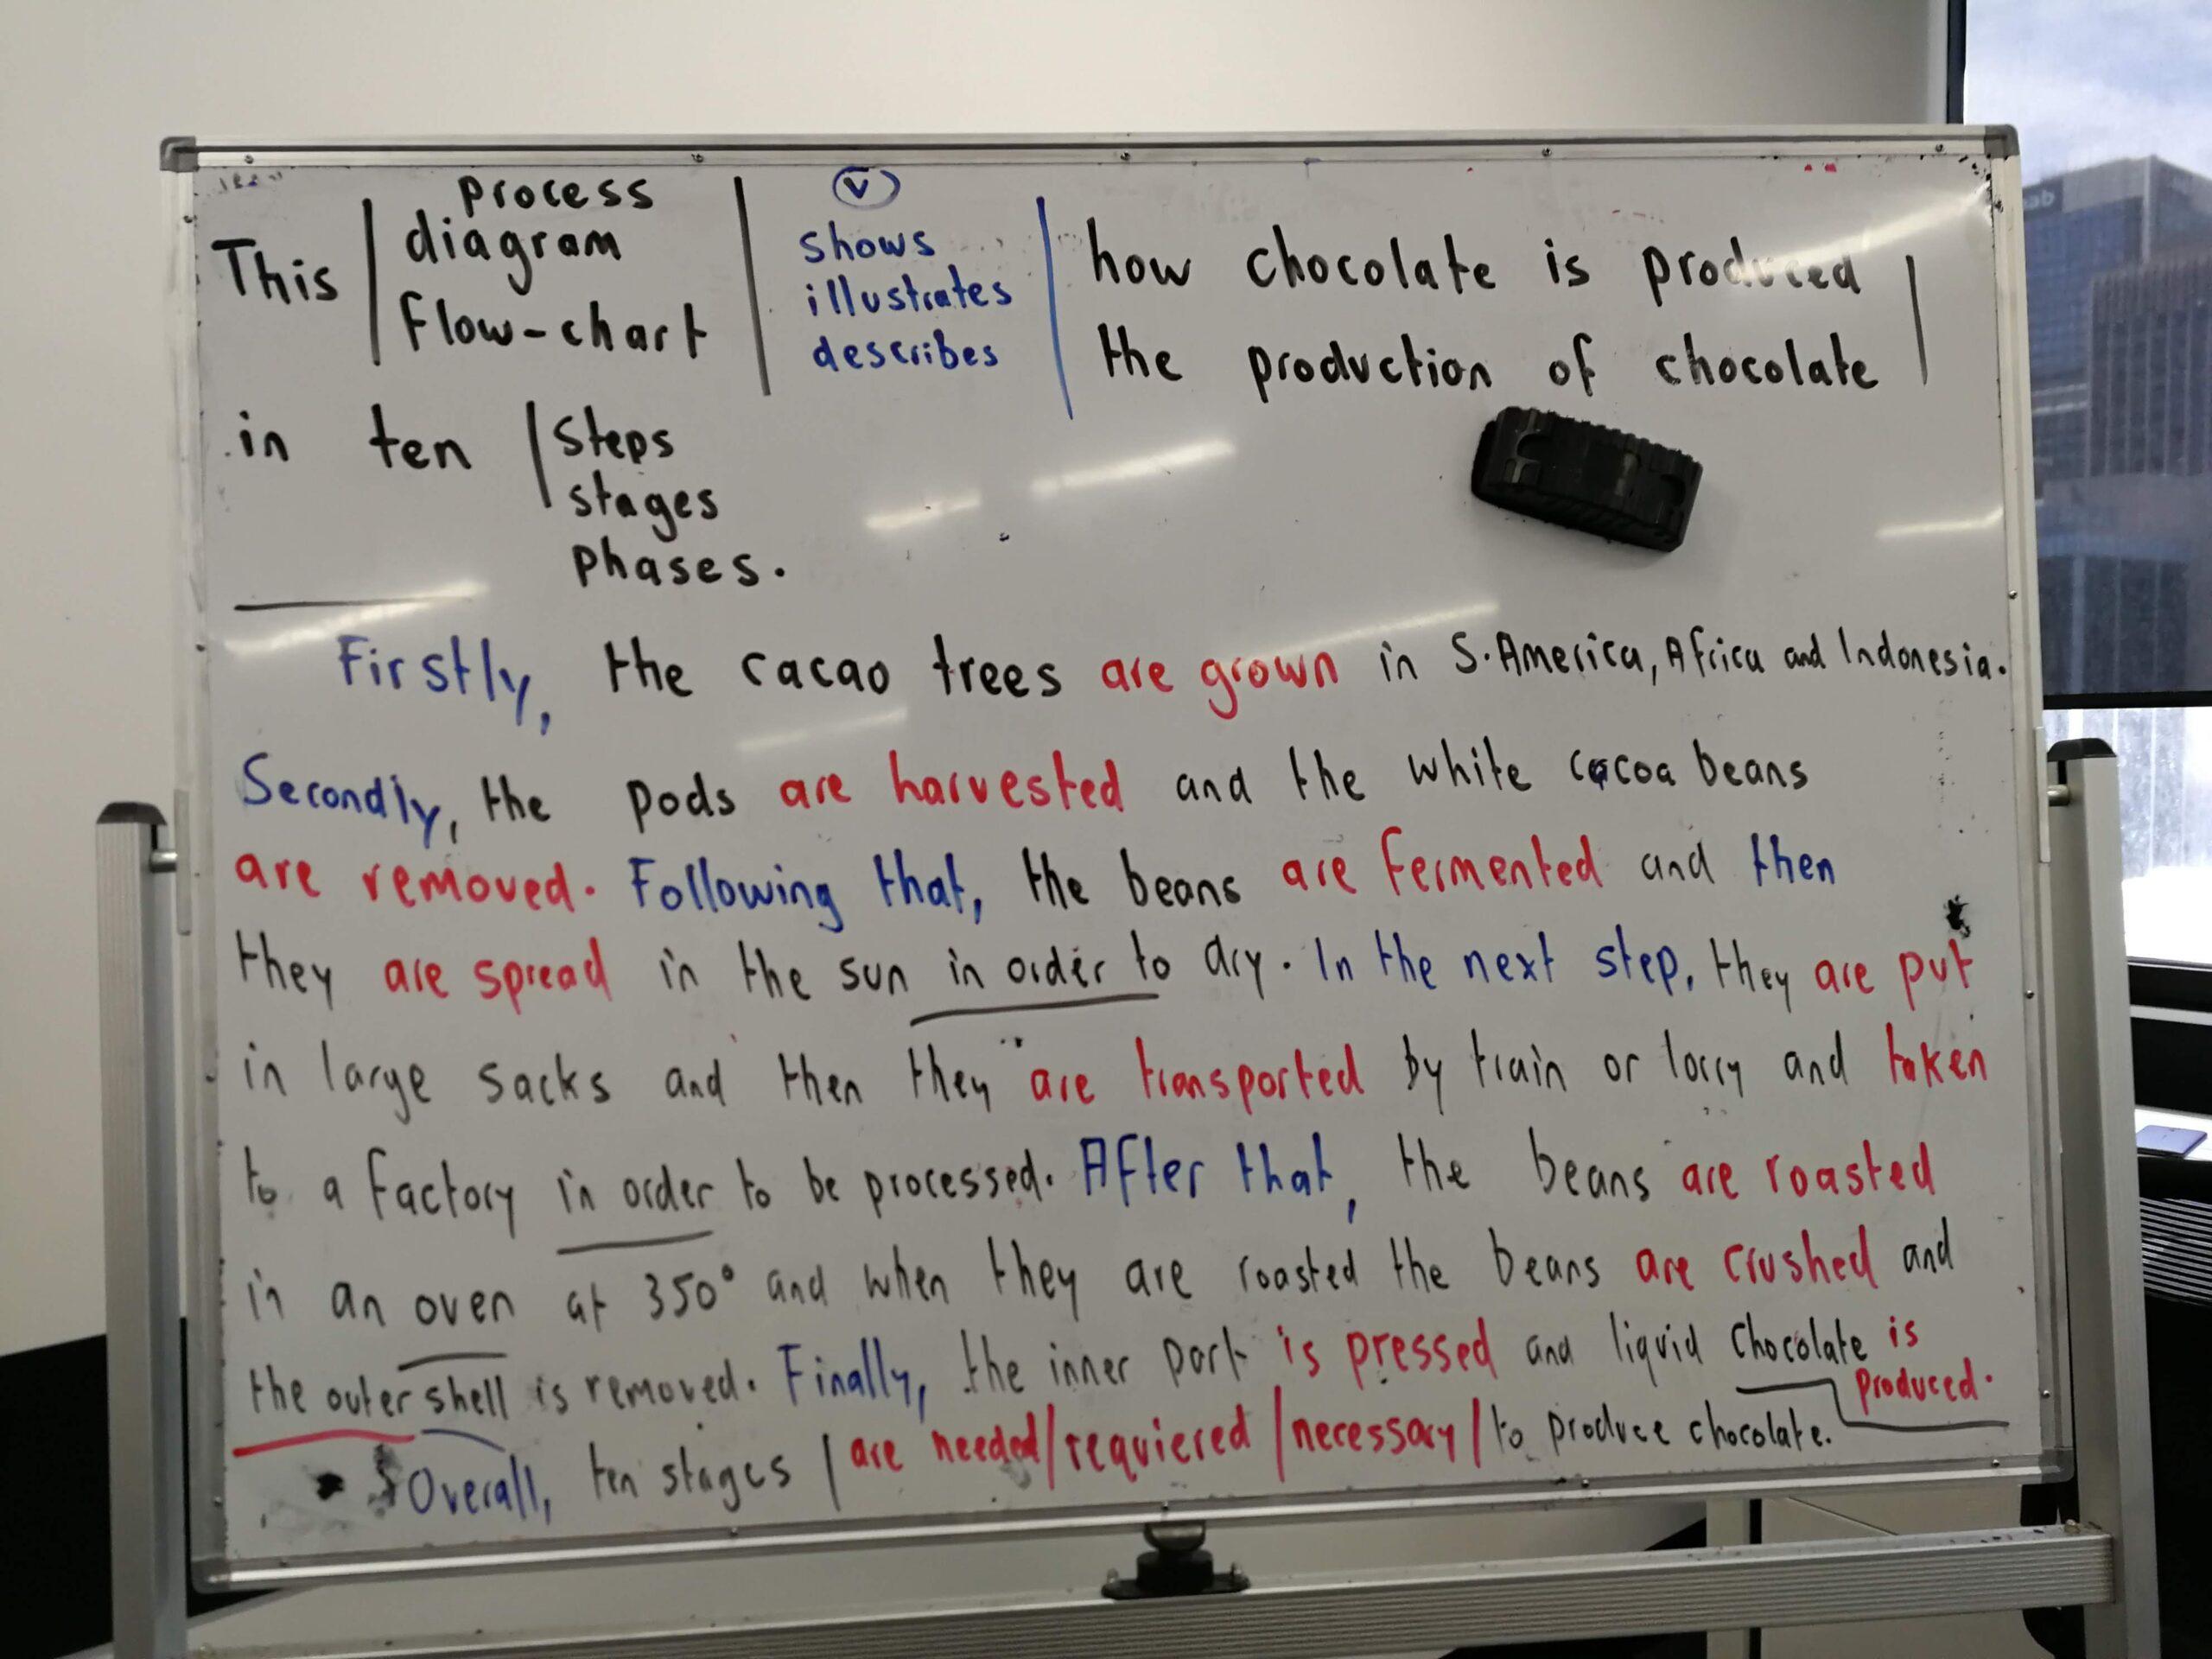 海外の語学学校では日本語はなく、当然英語を英語で学ぶ必要が有り。